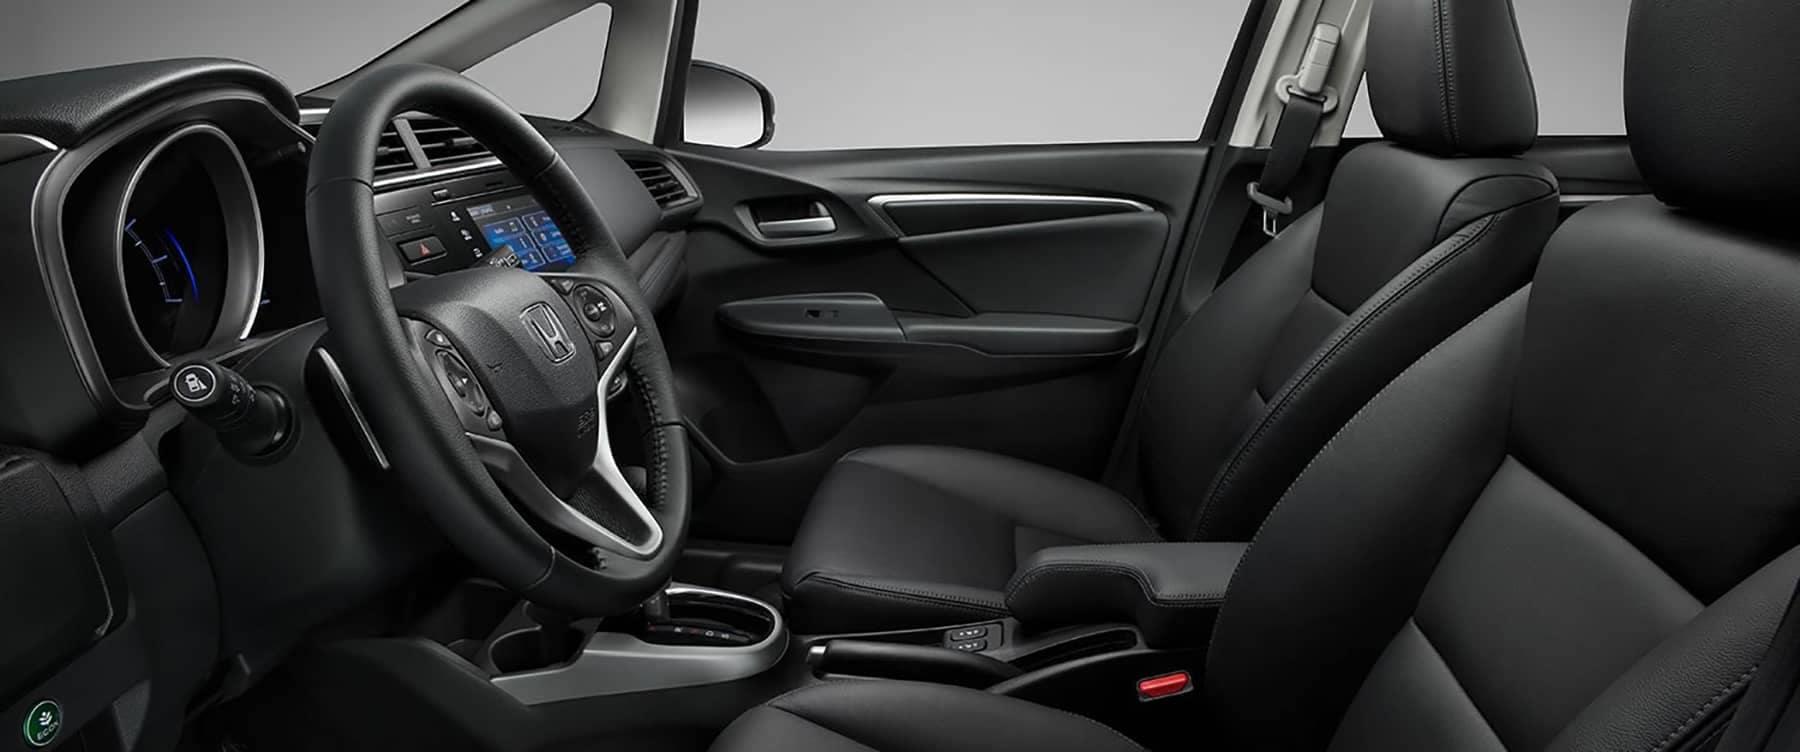 2019 Honda Fit Cabin